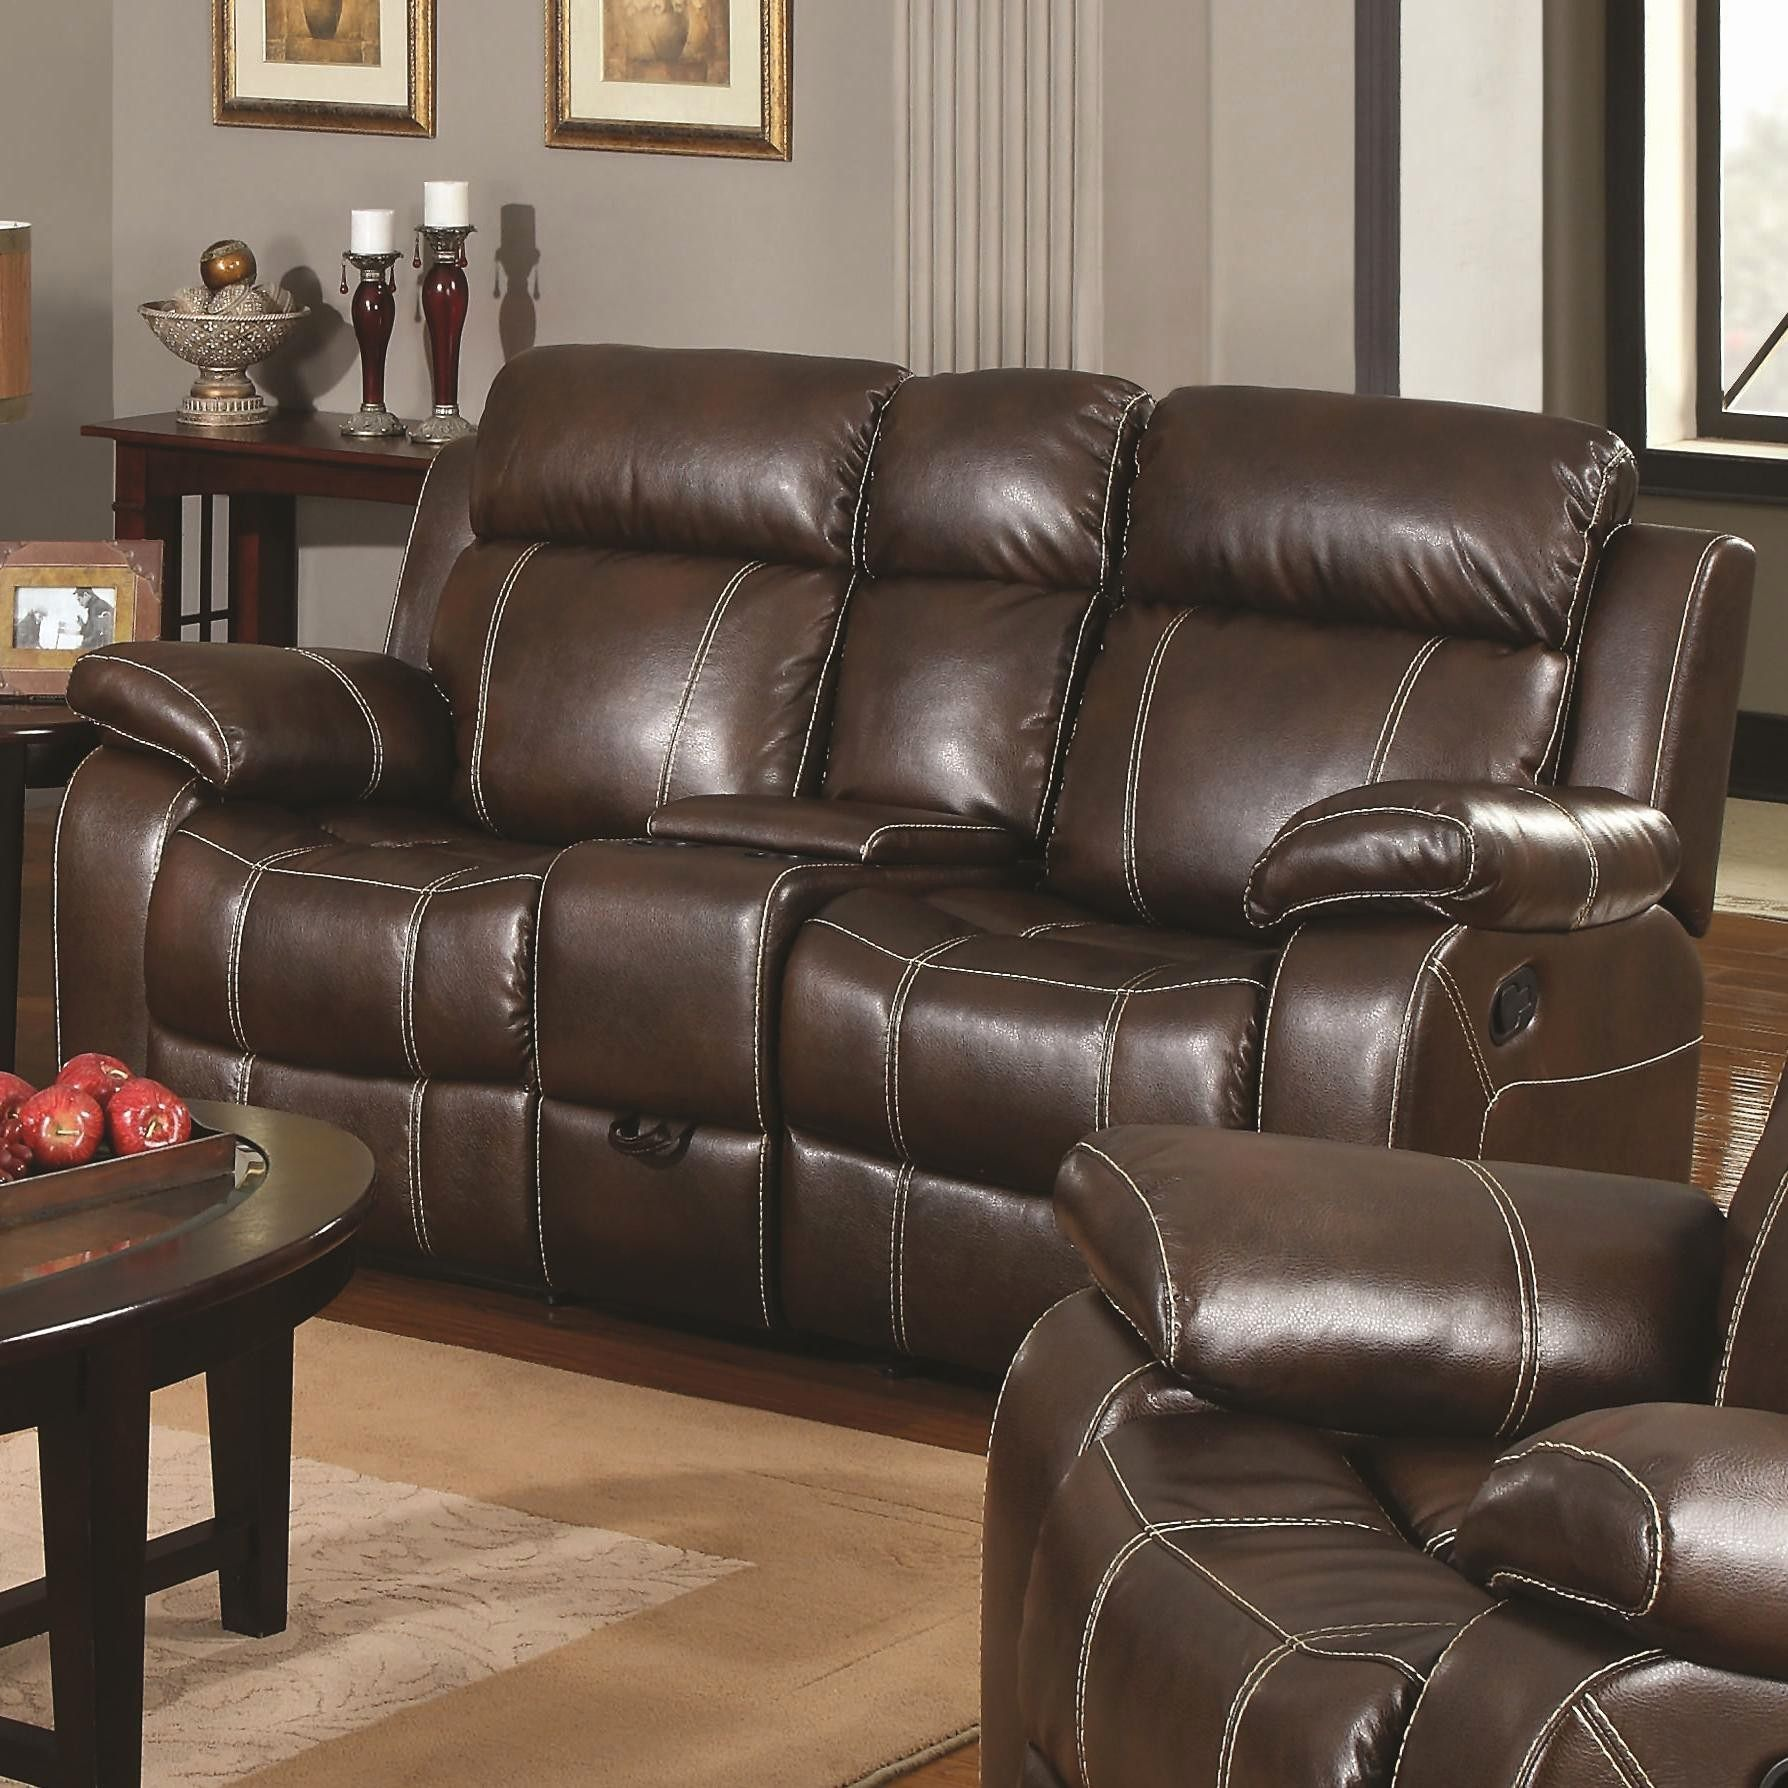 Unique Reclining Microfiber Sofa And Loveseat Set Living Room  ~ Reclining Microfiber Sofa And Loveseat Set